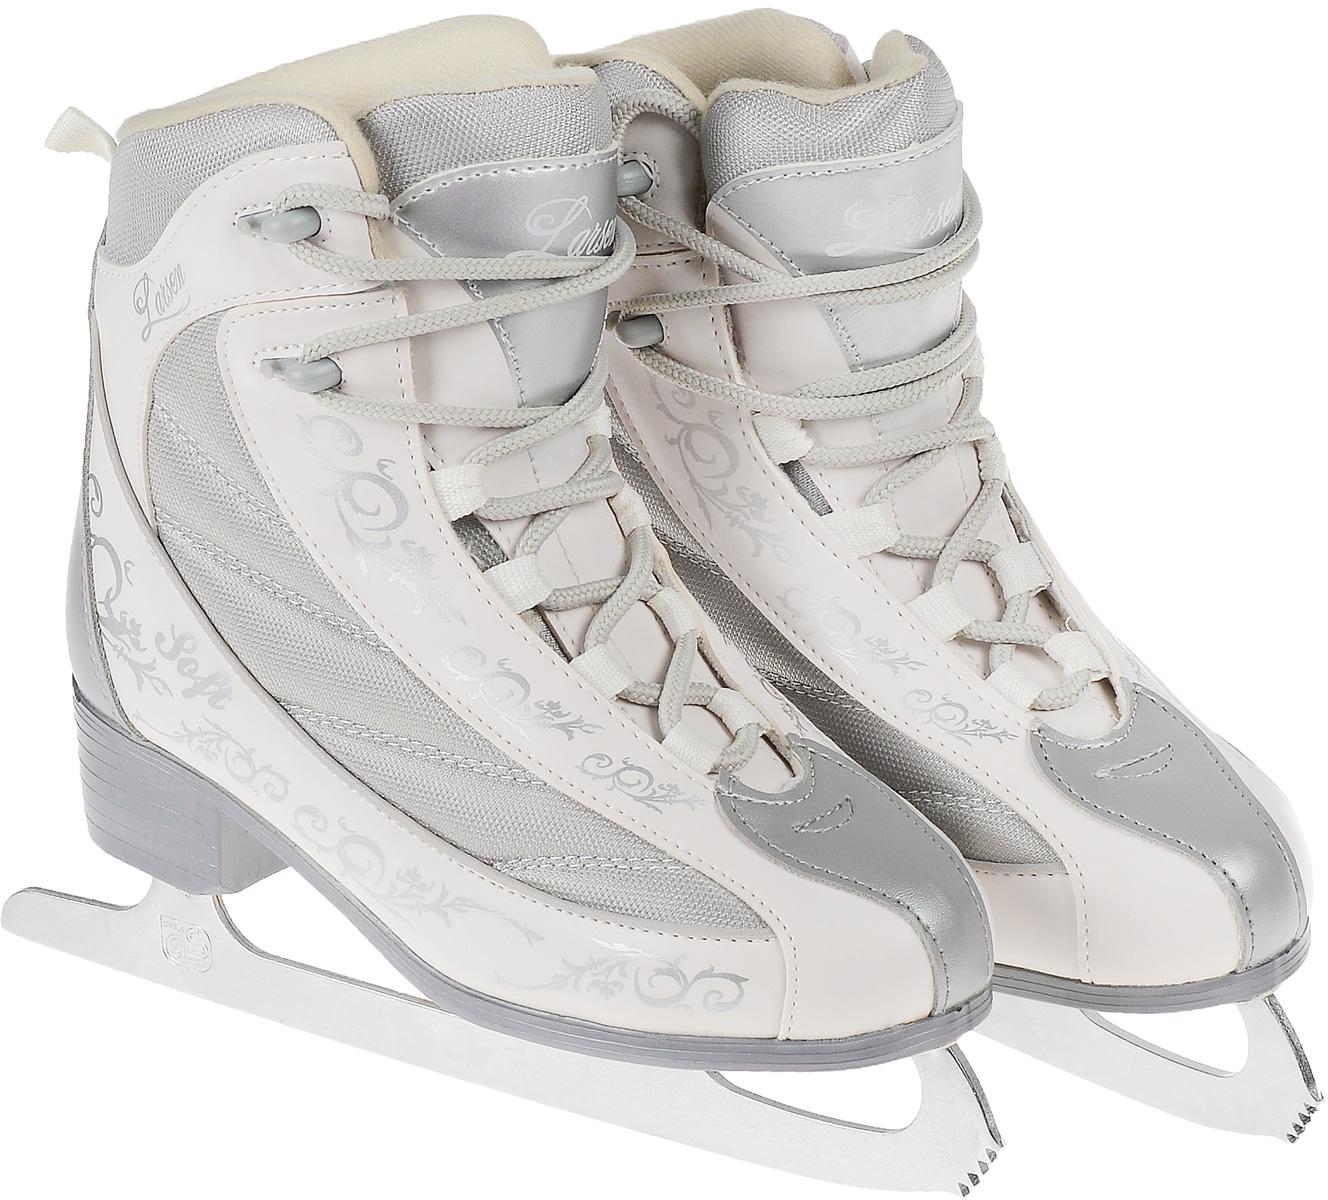 Коньки фигурные женские Larsen Soft, цвет: белый, серый. Размер 40 автомобильный компрессор berkut spec 15